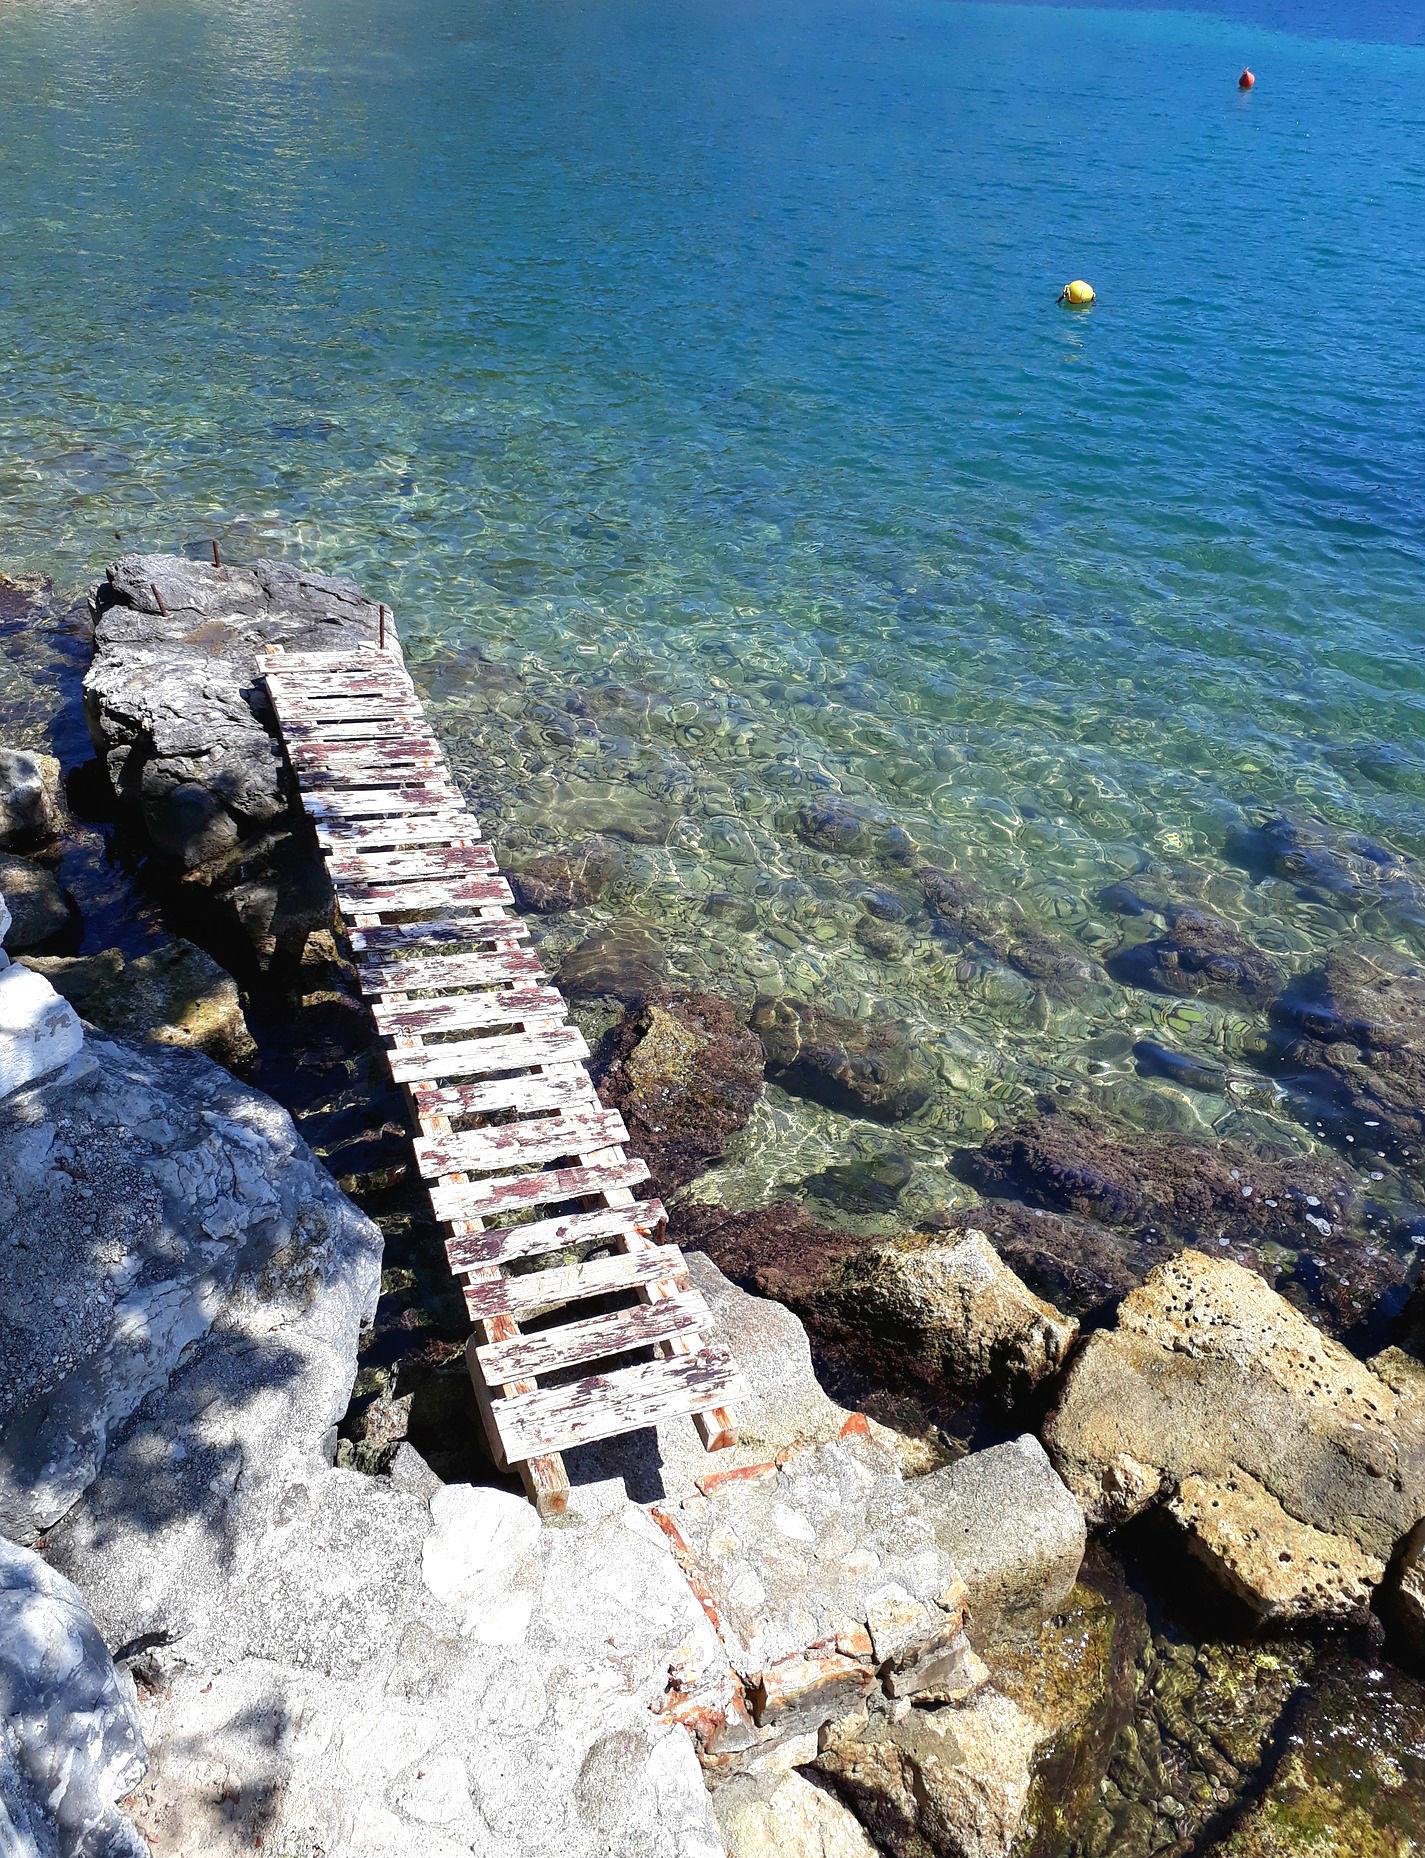 Kristallklares Wasser dank der vielen Steine und kleinen Felsen im Meer